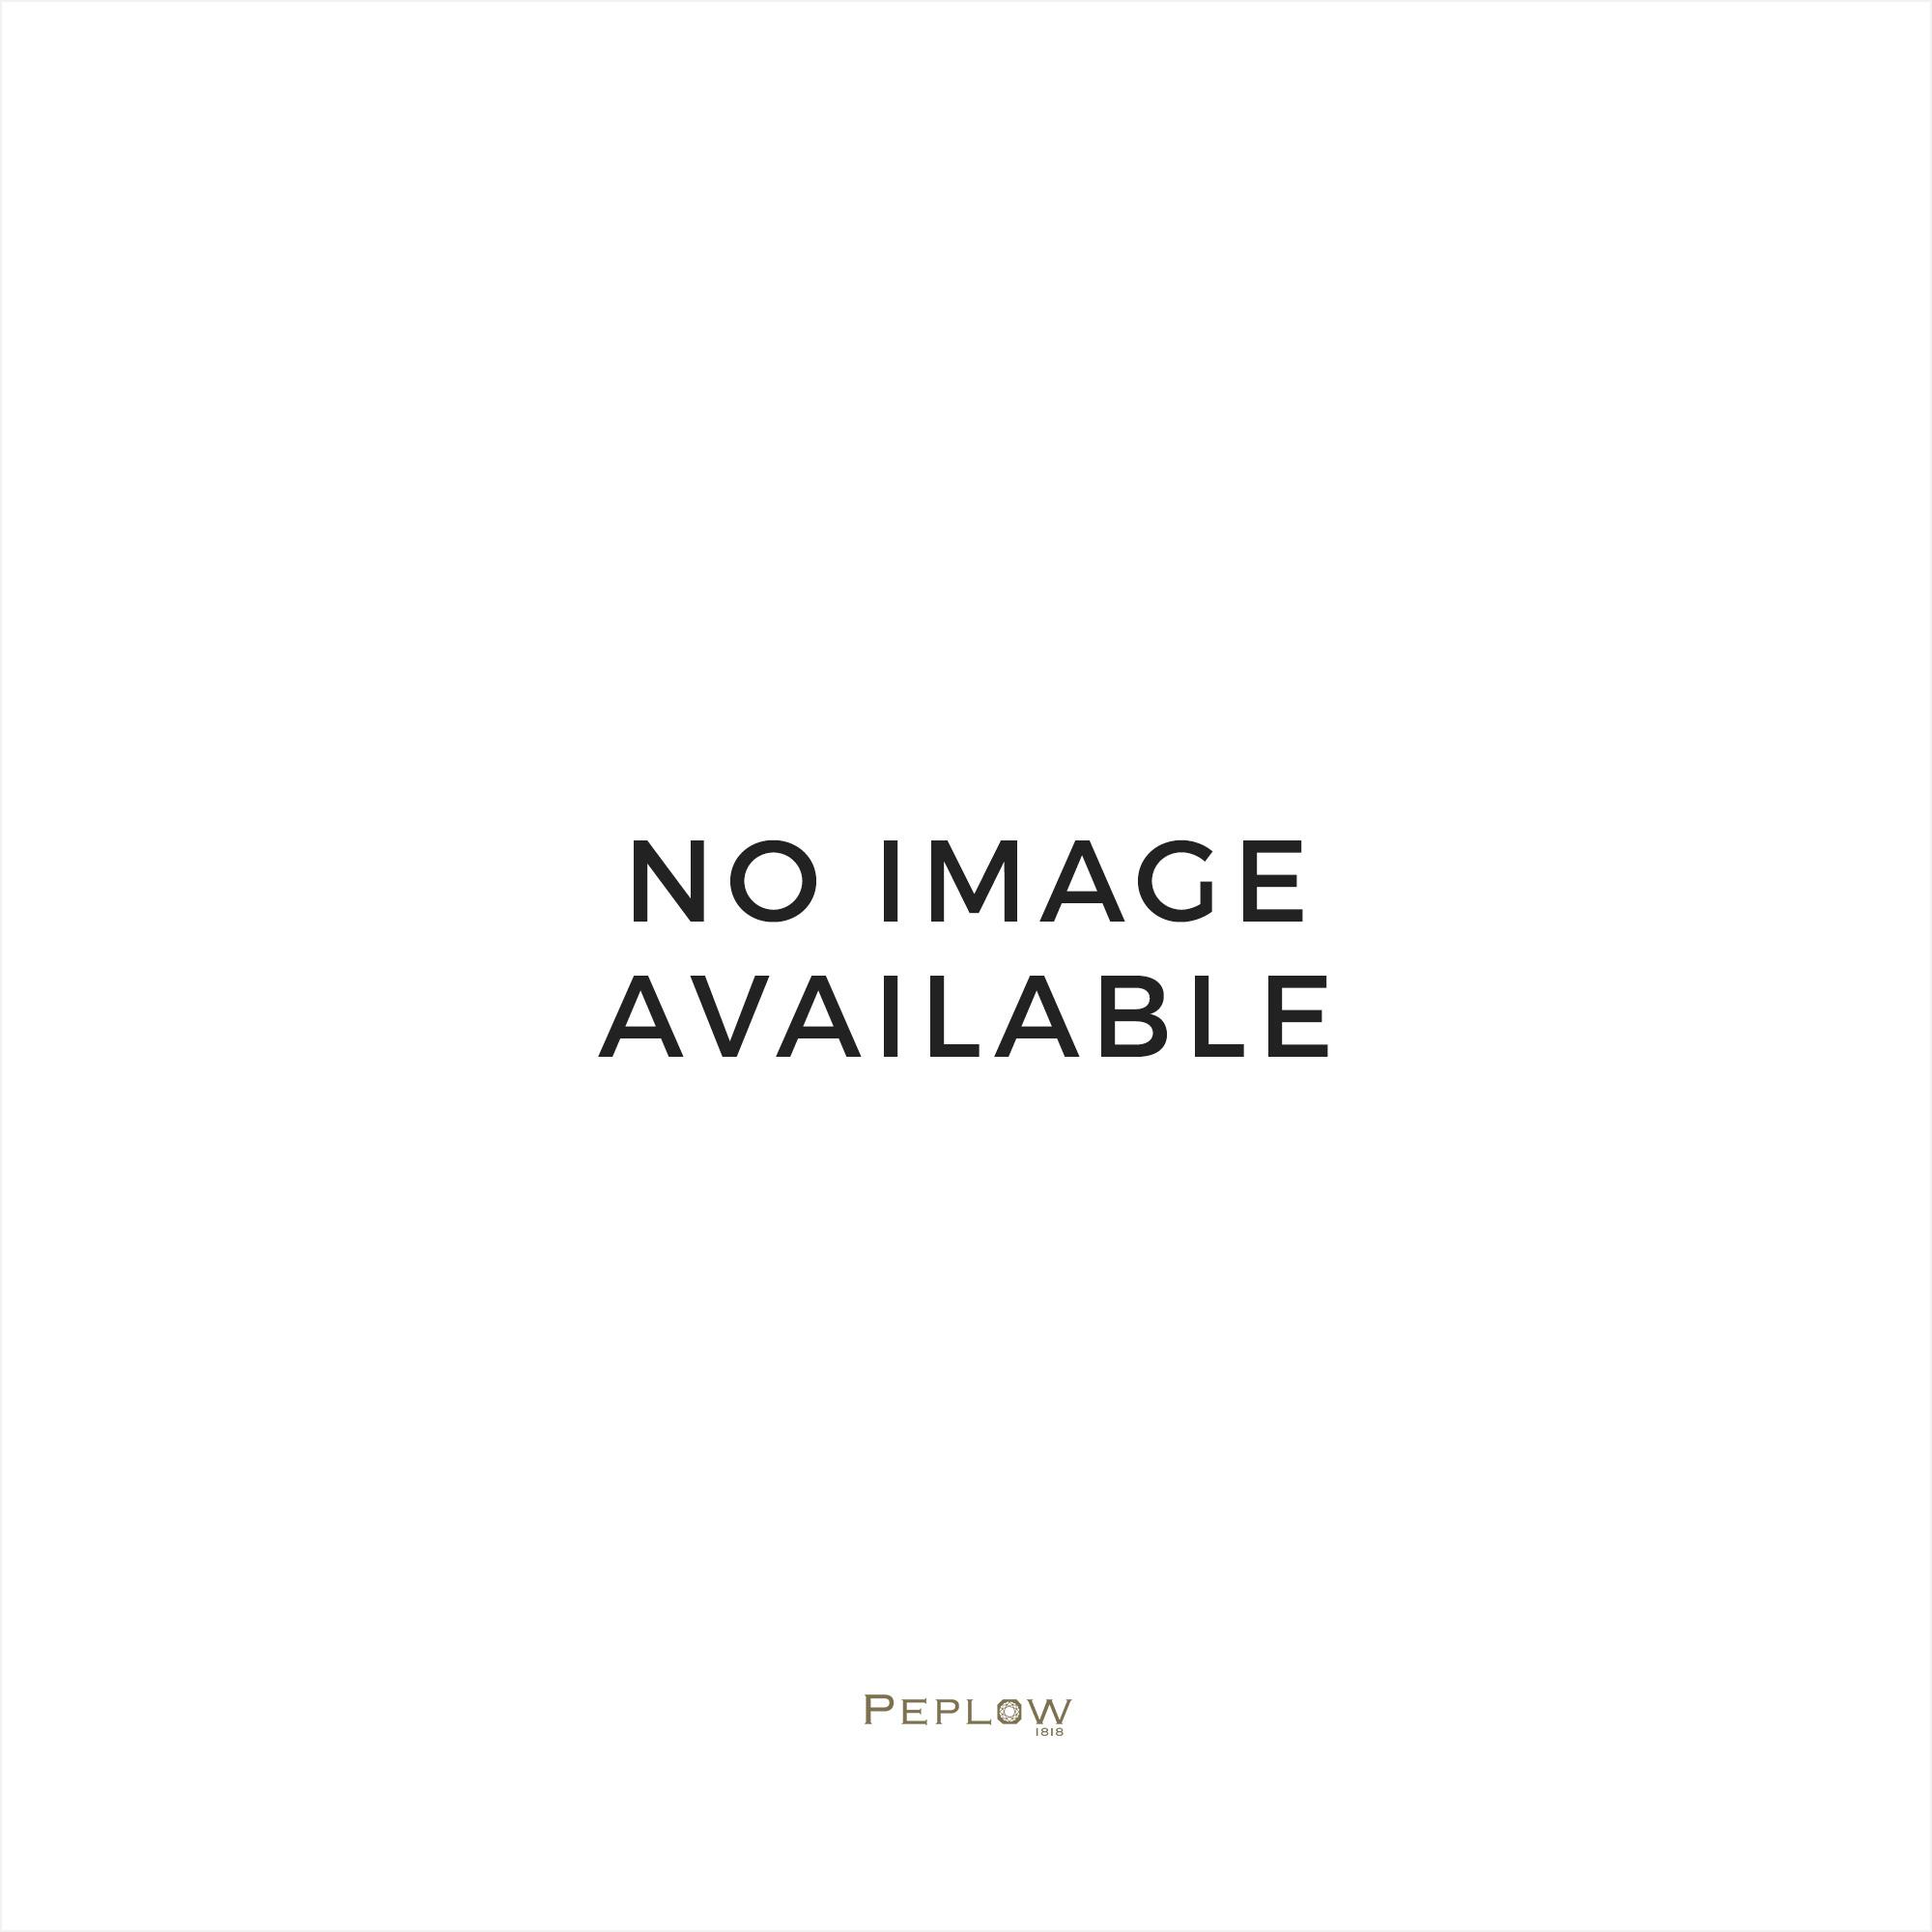 Seiko Watches Seiko Mens Two Tone White Baton Dial Watch